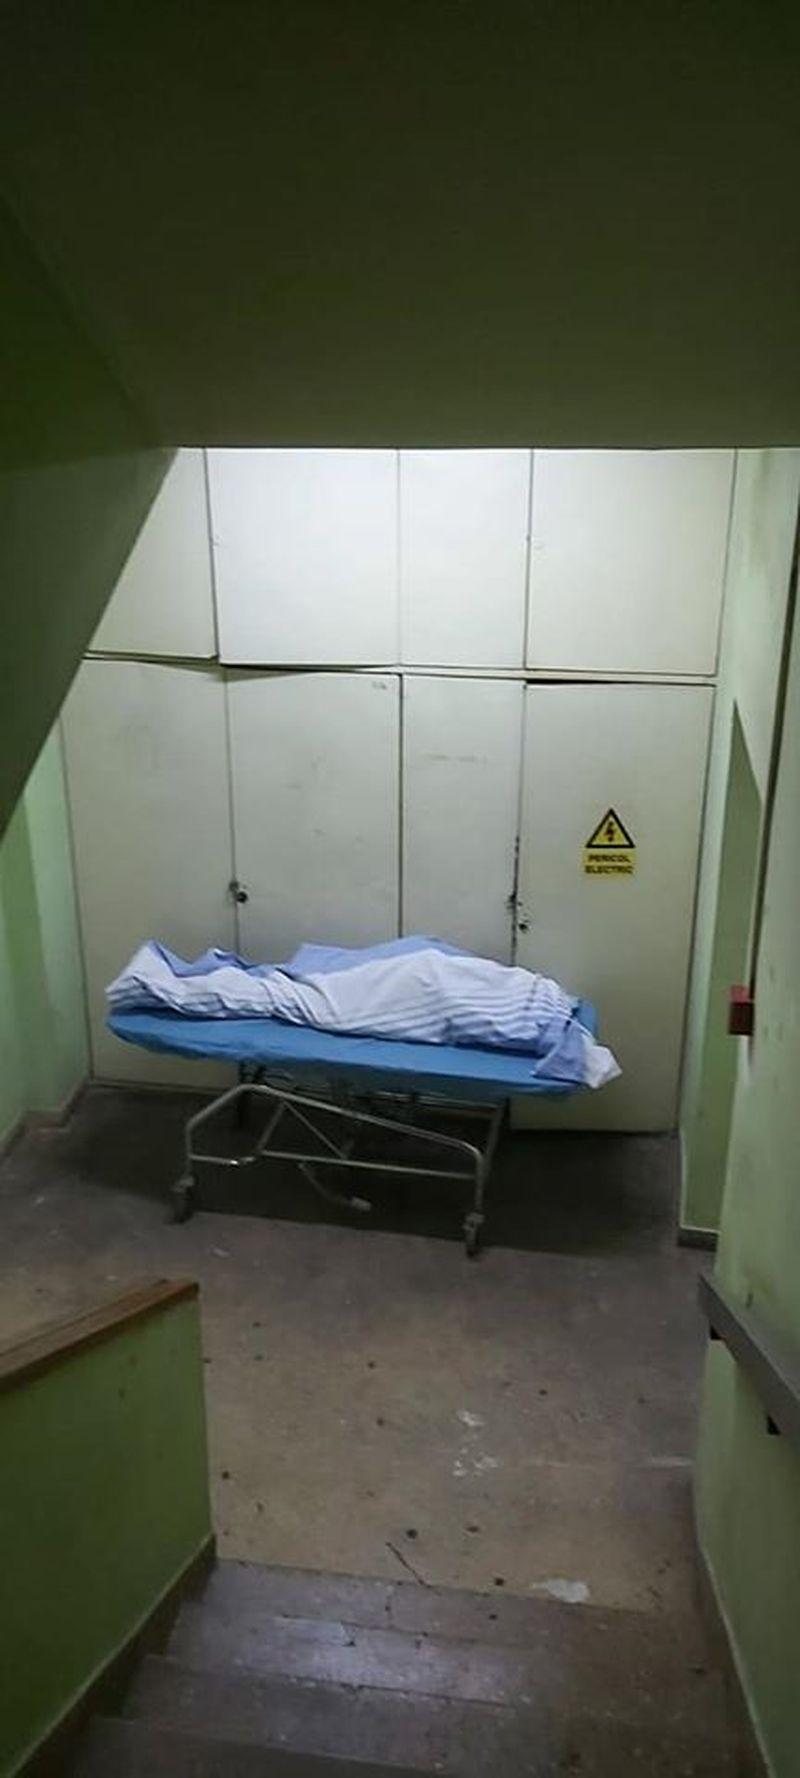 Spitalul Universitar Bucuresti pacienti morti